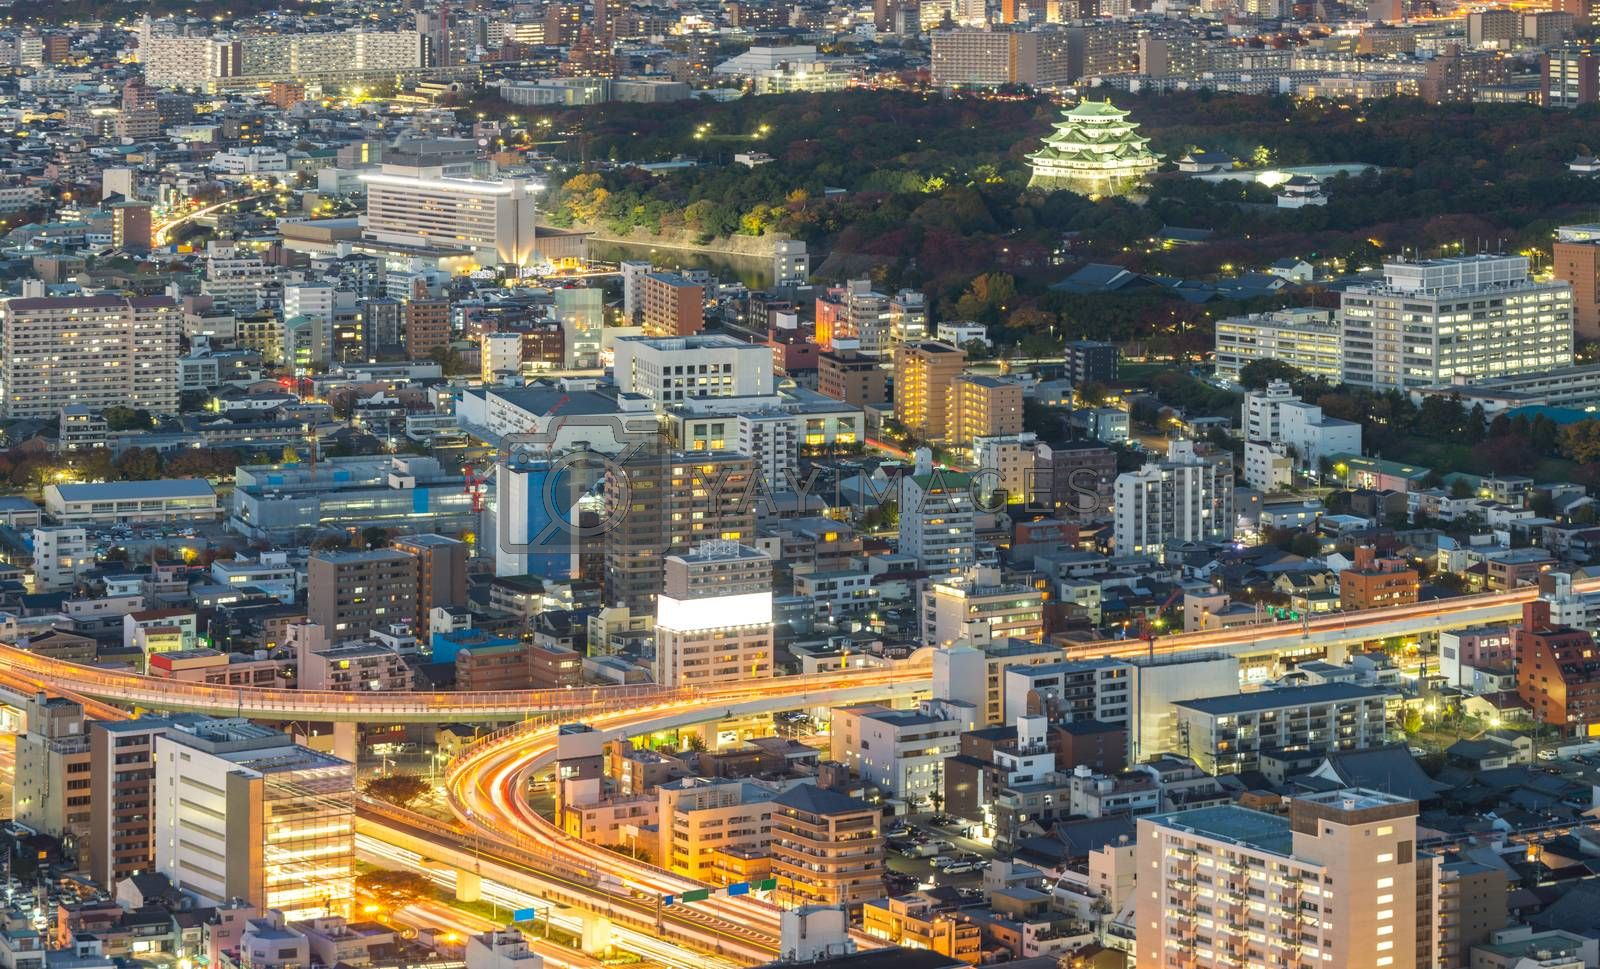 Aerial view of Nagoya night in Japan